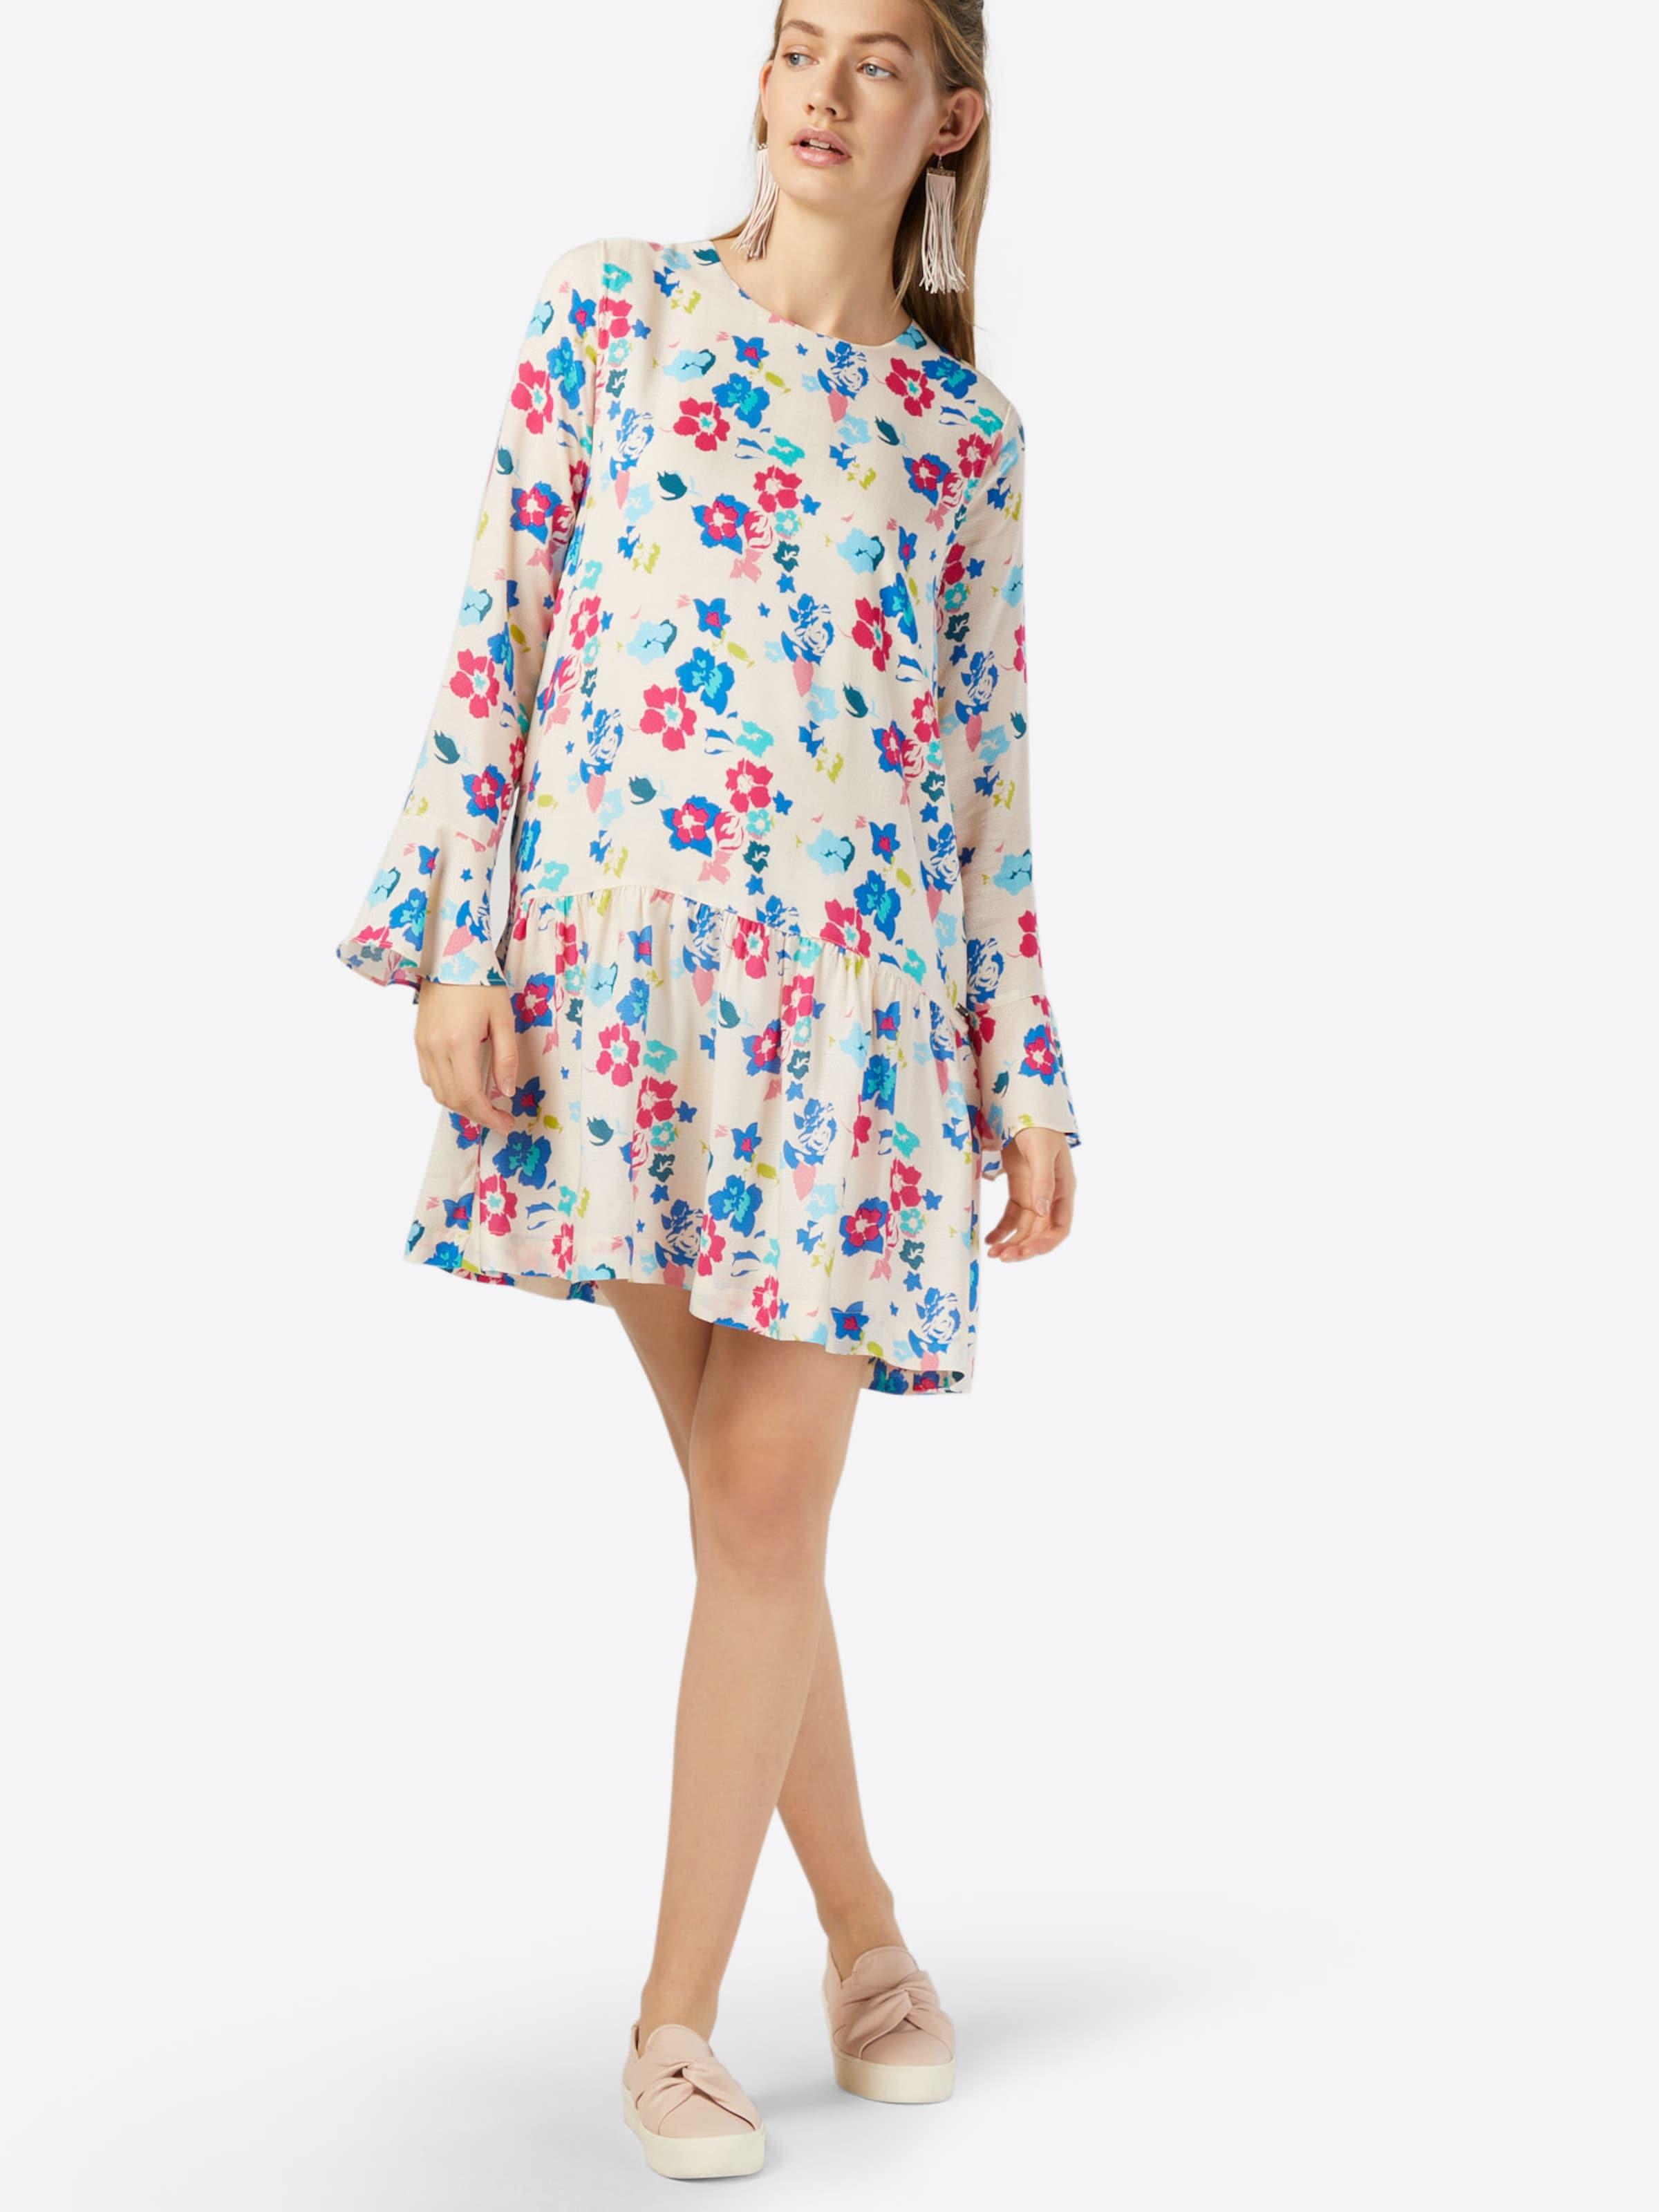 Pepe Jeans Kleid 'CALISTA' Billig Verkaufen Billig Extrem Günstig Online Footaction Günstiger Preis bKsw1N4w